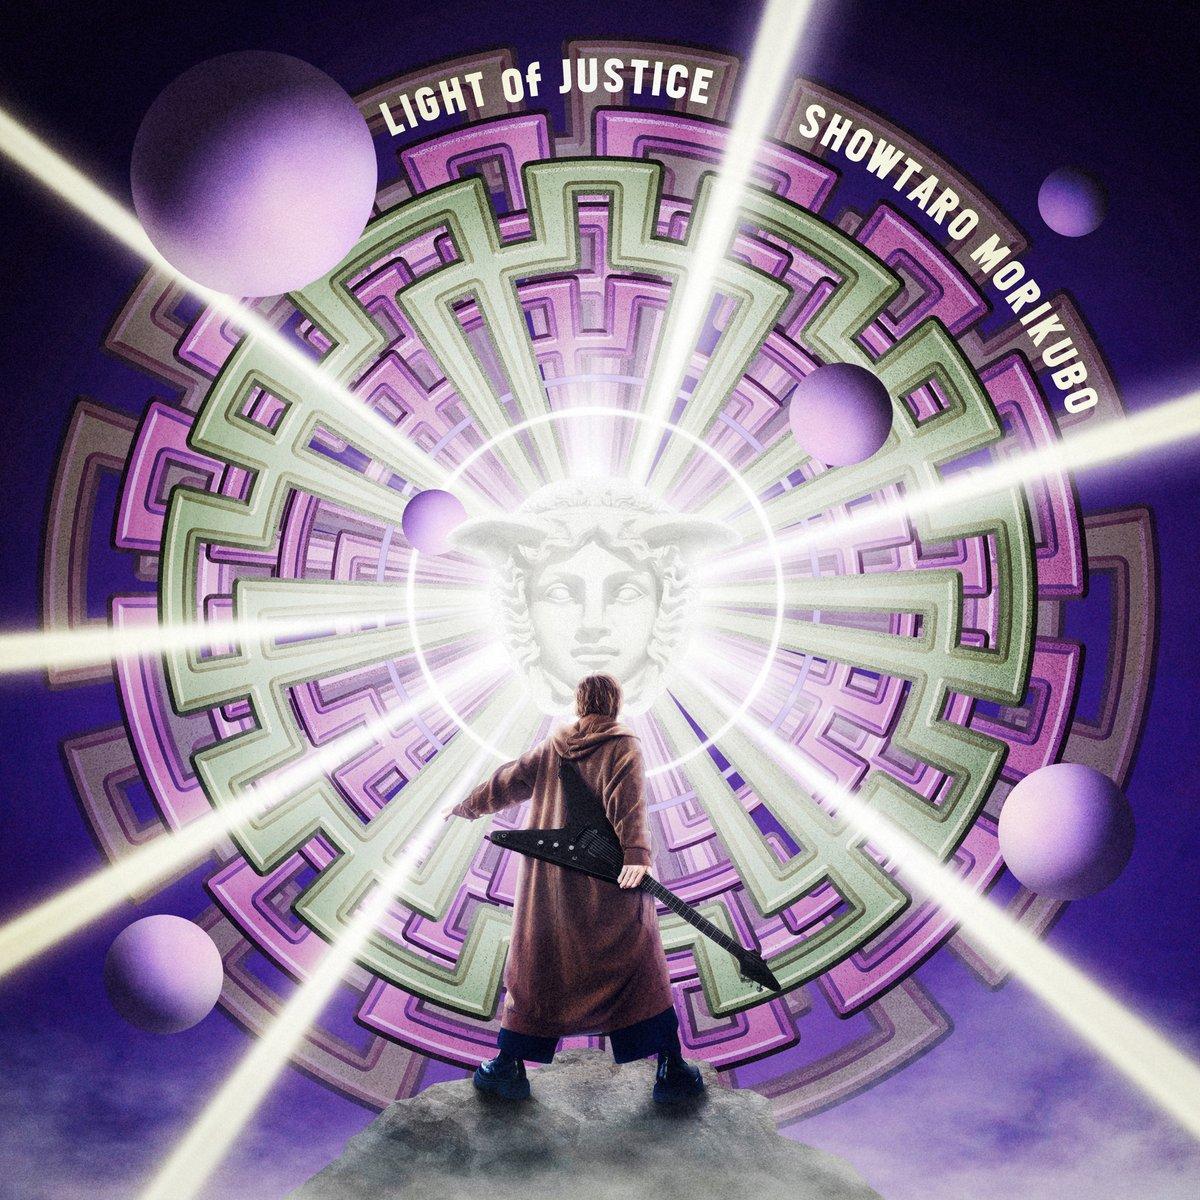 『森久保祥太郎 - LIGHT of JUSTICE 歌詞』収録の『LIGHT of JUSTICE』ジャケット